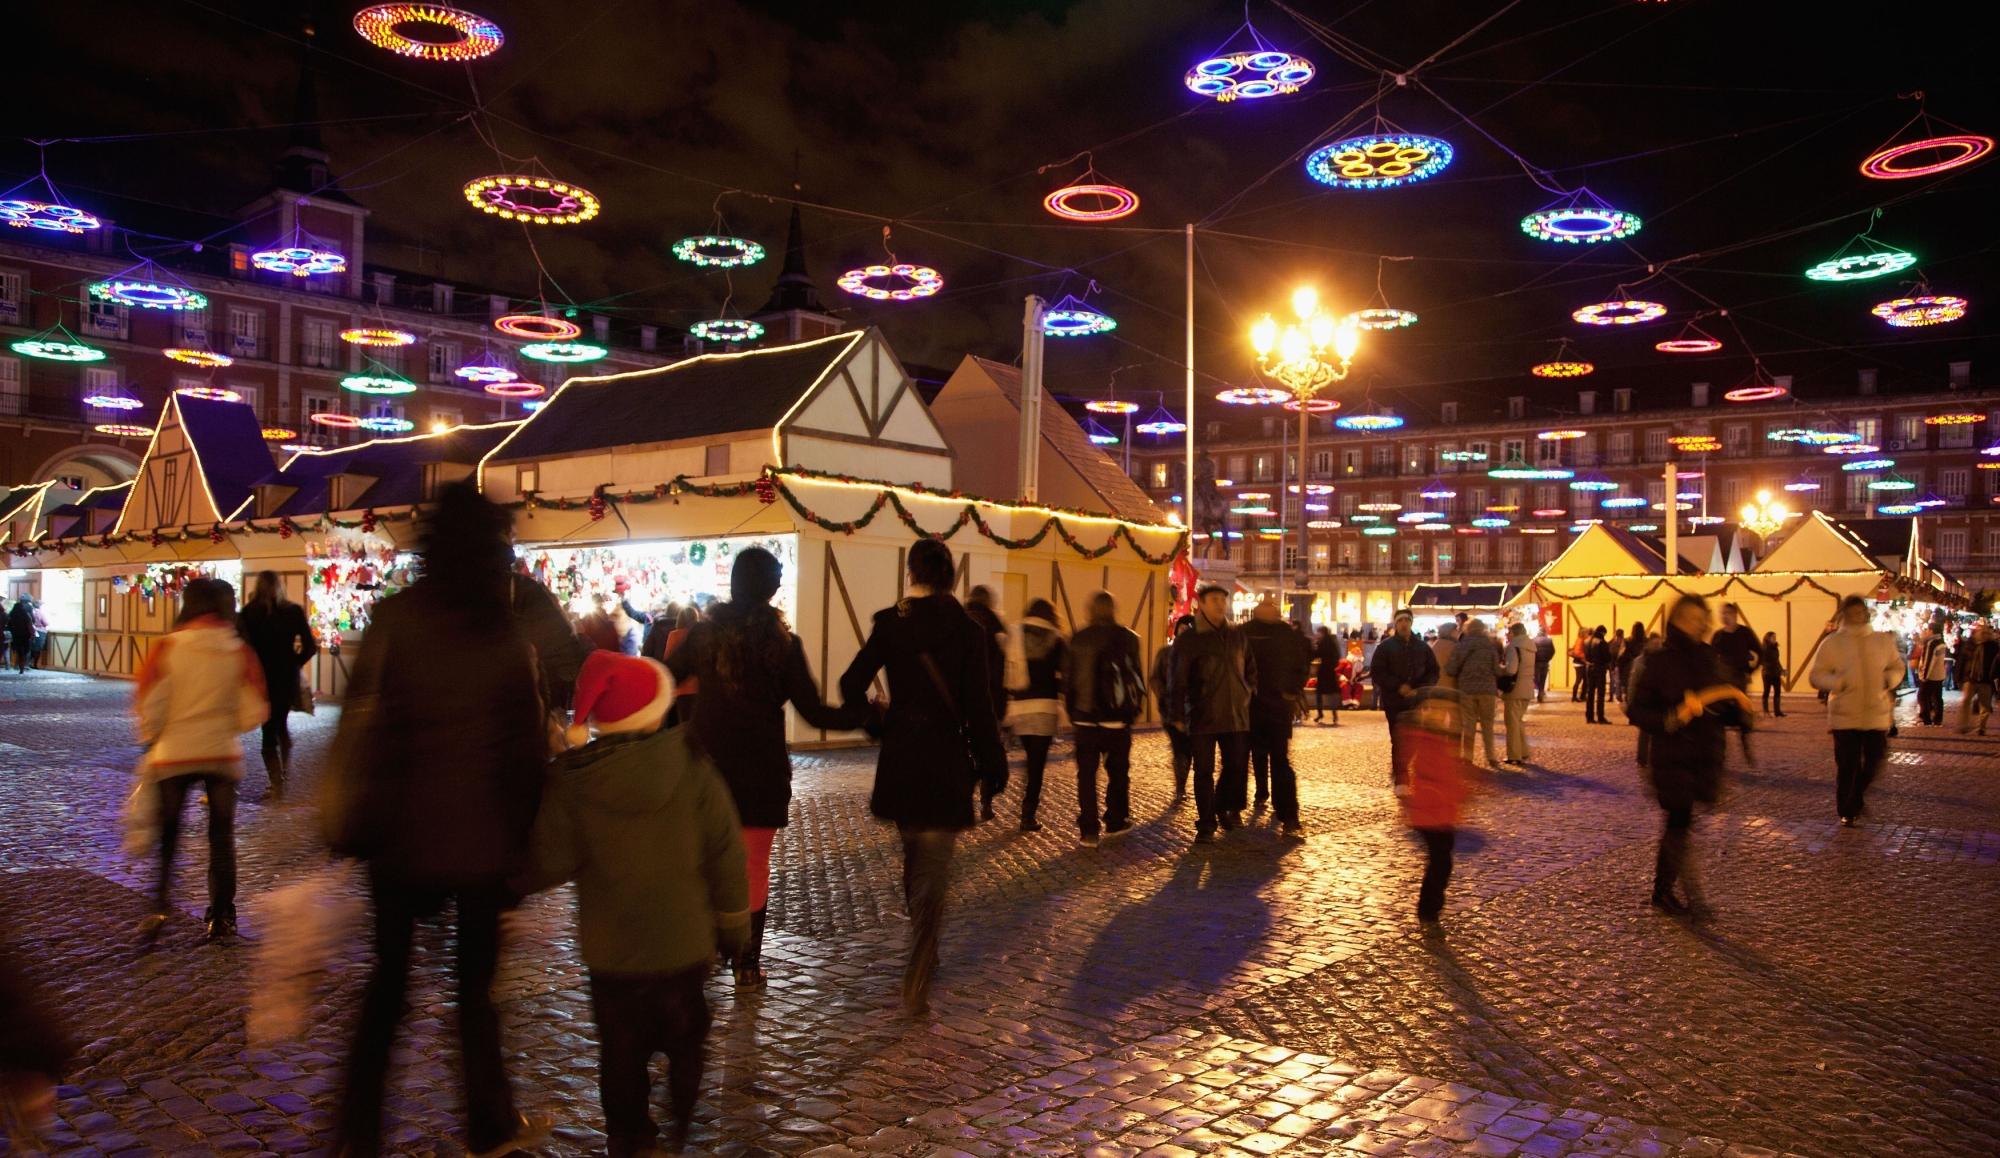 Mercadillos de Navidad en España Decorar una Casa Presenta los Mejores Mercadillos de Navidad en España plaza mayor